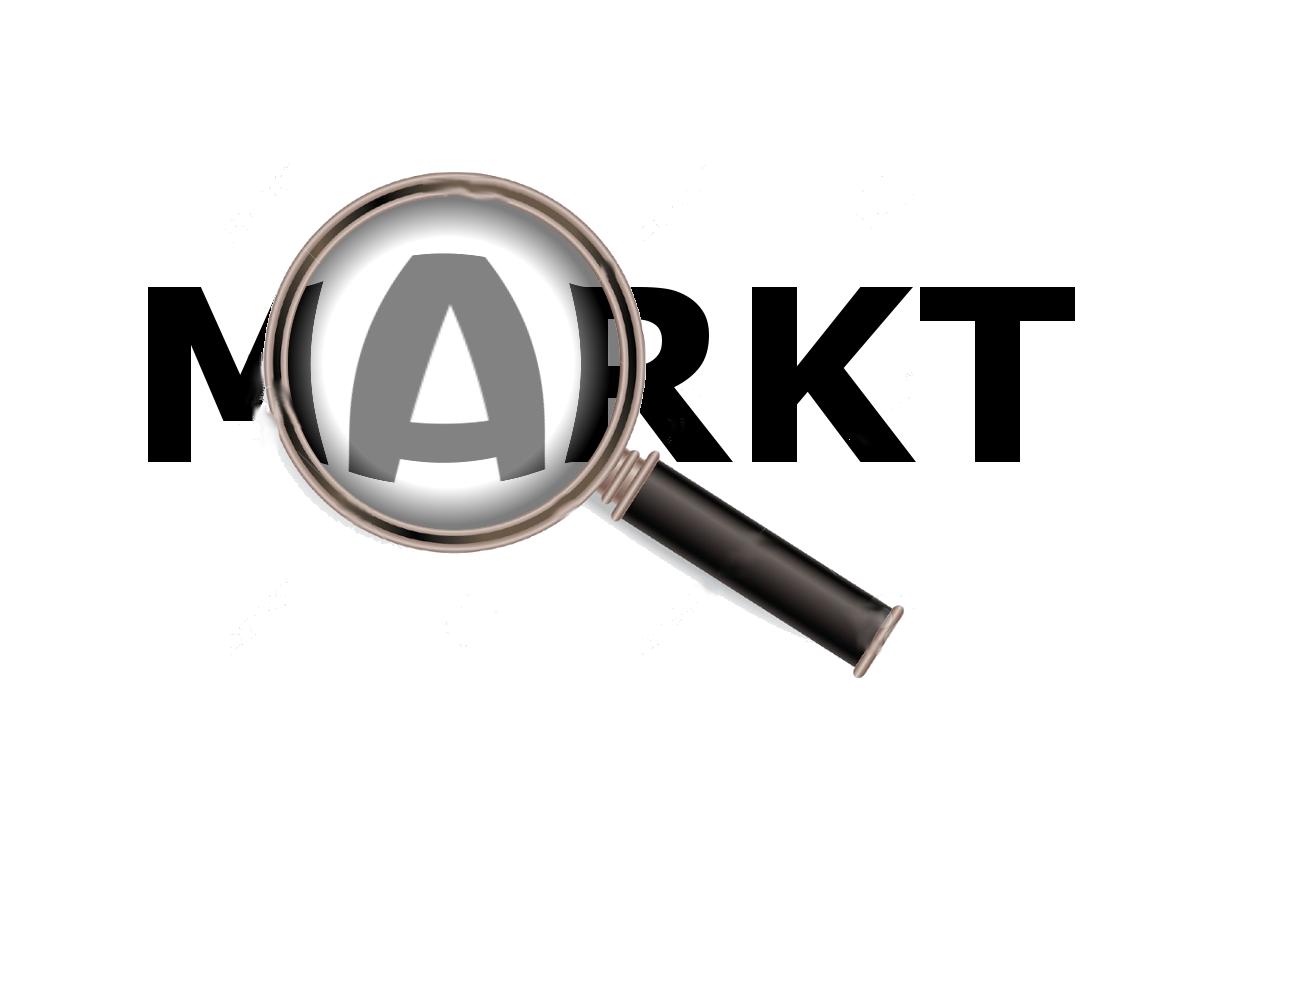 Tolle Marktforschung Lebenslauf Bilder - Beispiel Anschreiben für ...